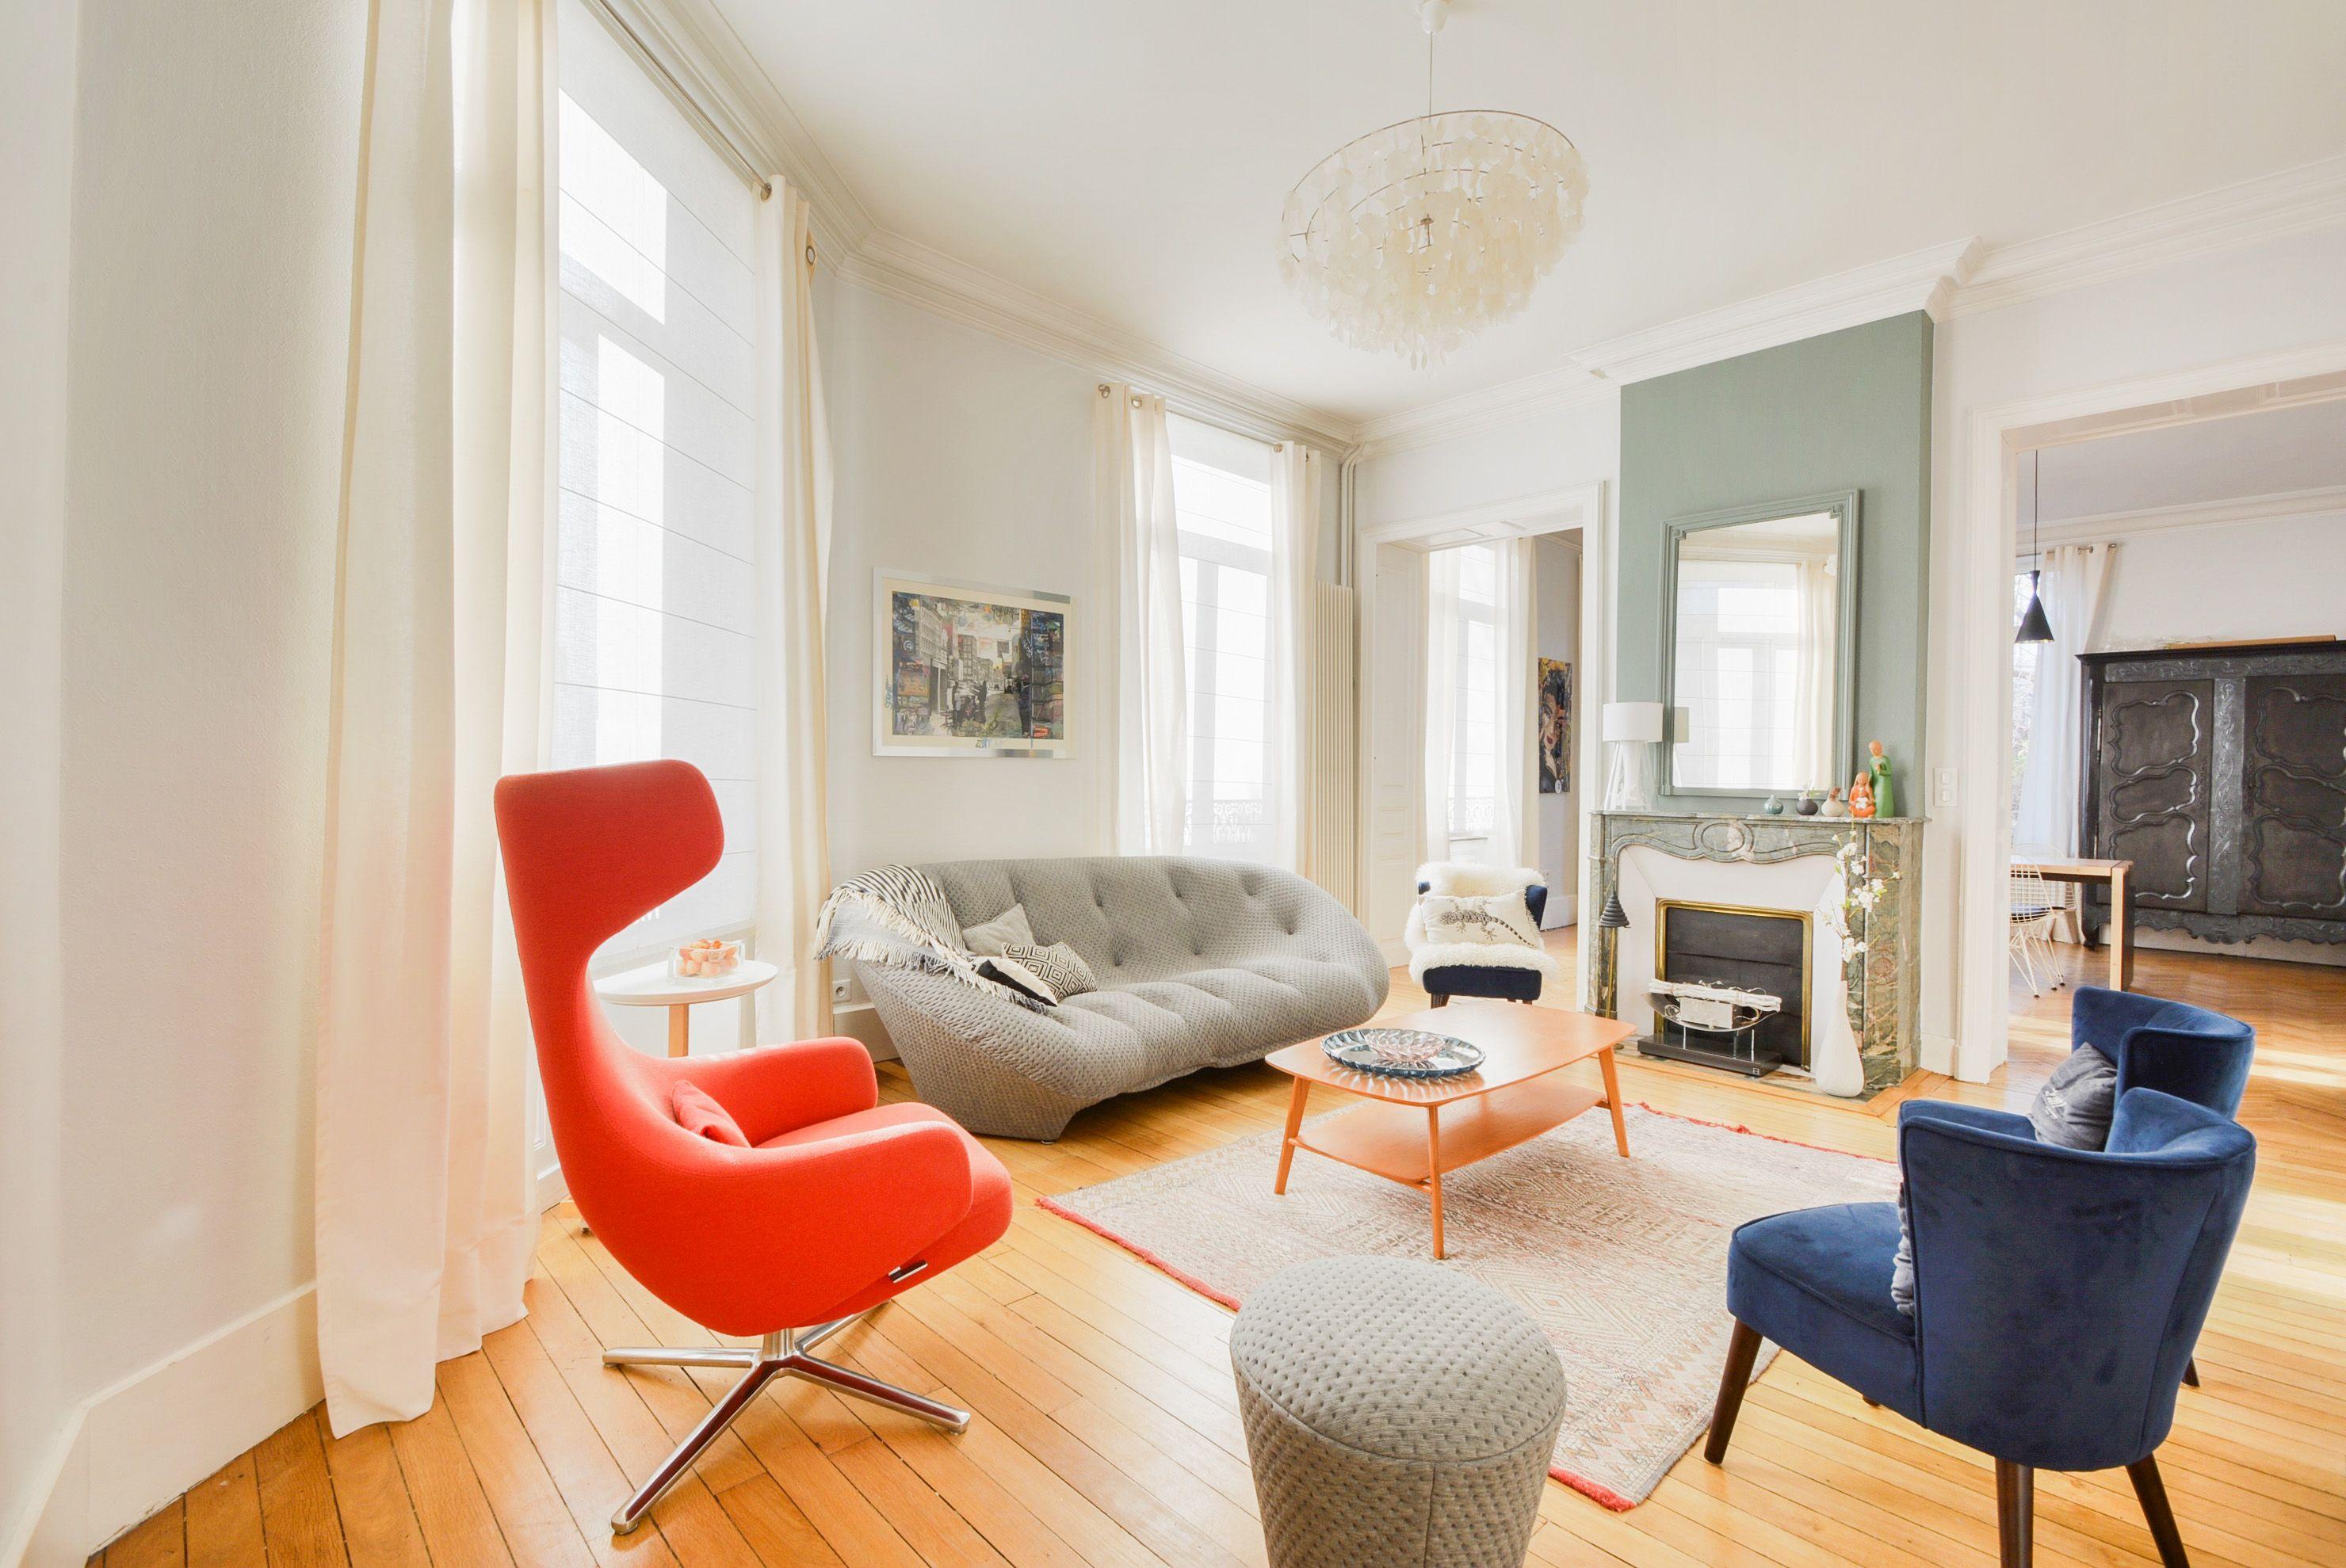 Epingle Par Lydia Lobry Sur Maison De Famille En Centre Ville De Nancy En 2020 Maison De Famille Maison Decoration